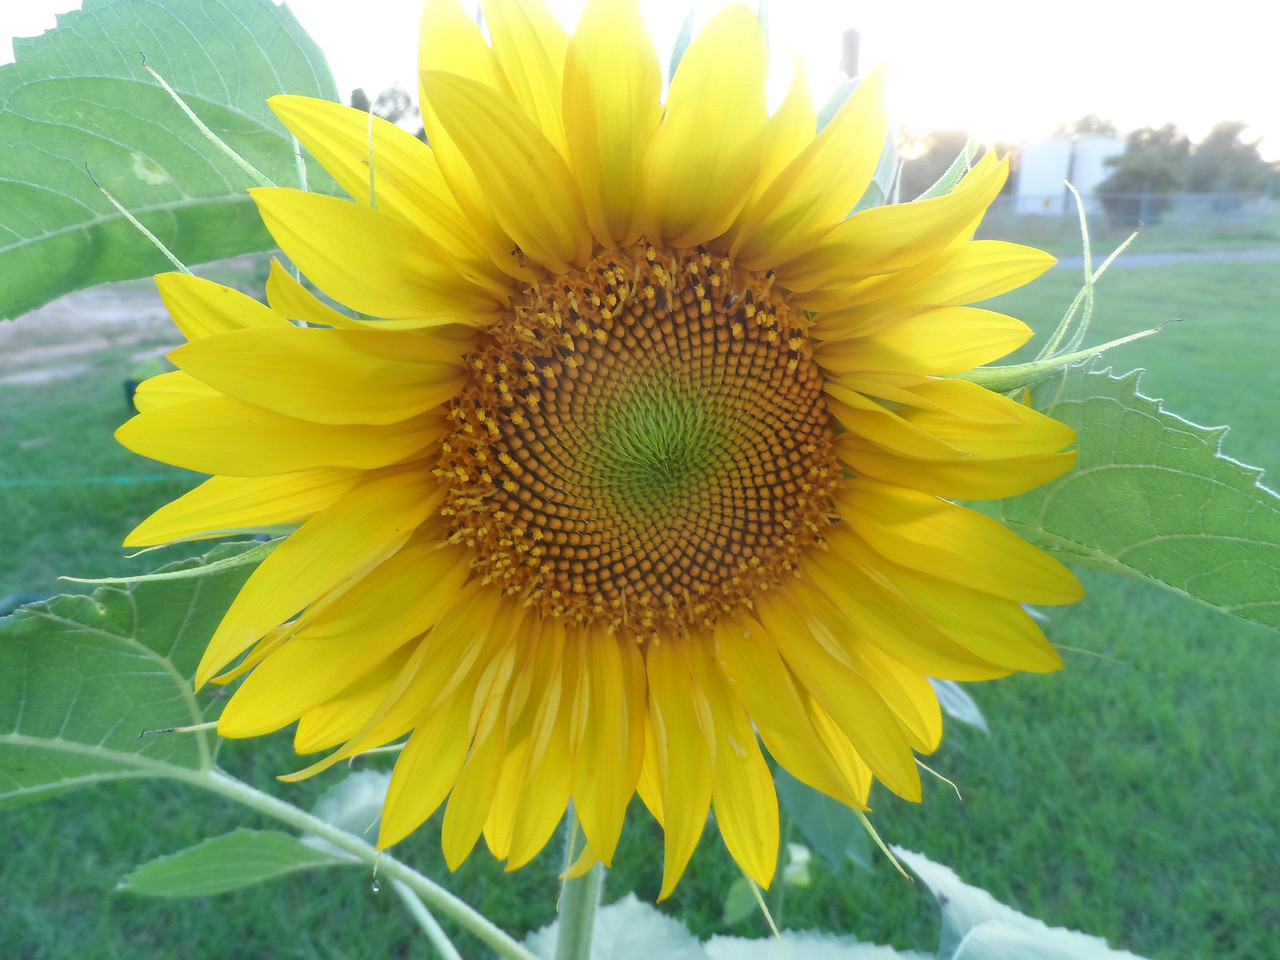 Sunflower in Dad's garden.